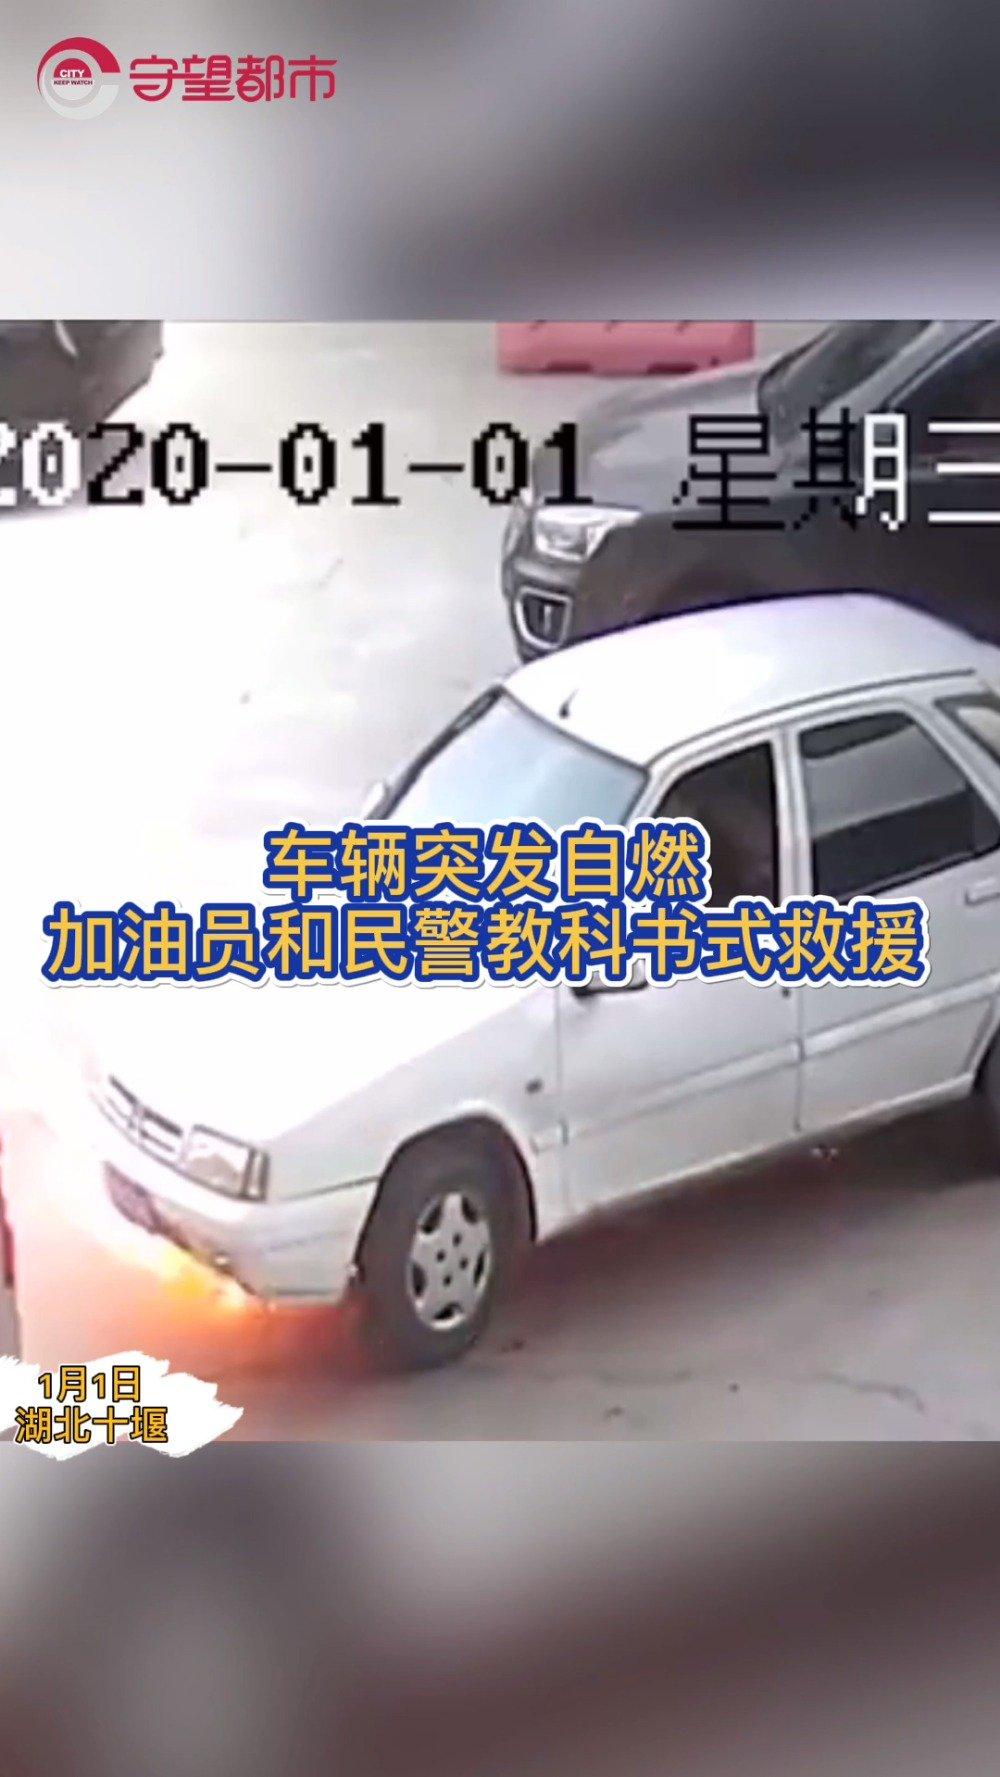 给力!车辆加油站旁突发自燃